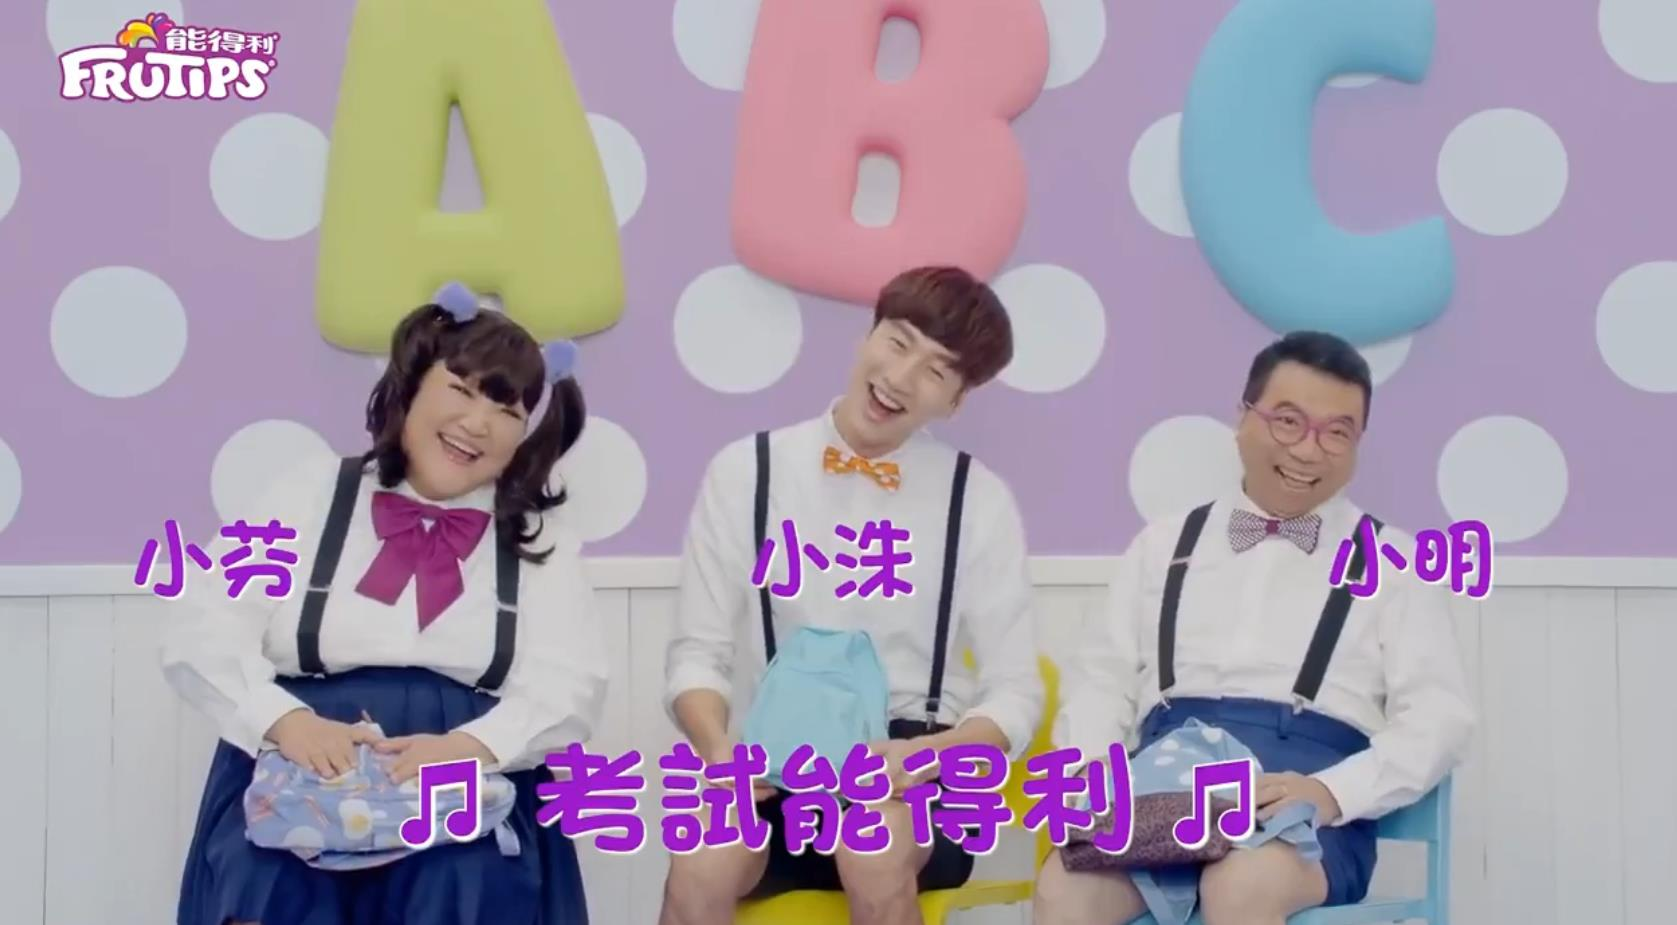 搞笑影片- 李光洙在香港代言糖果广告.mp4